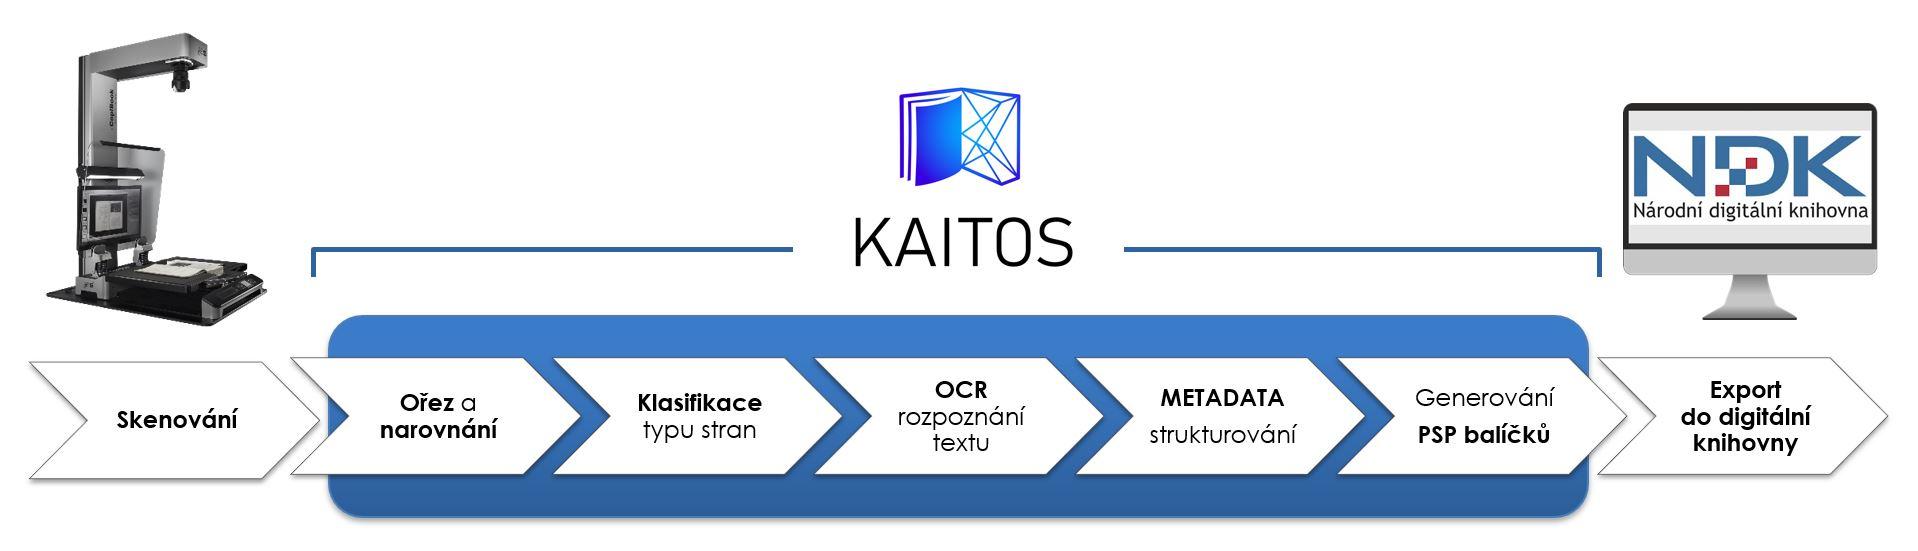 Schéma zpracování dat kulturního dědictví v software KAITOS. Od naskenování předloh, přes ořez, narovnání, OCR, strukturování metadat, generování PSP balíčků až po export do digitální knihovny.